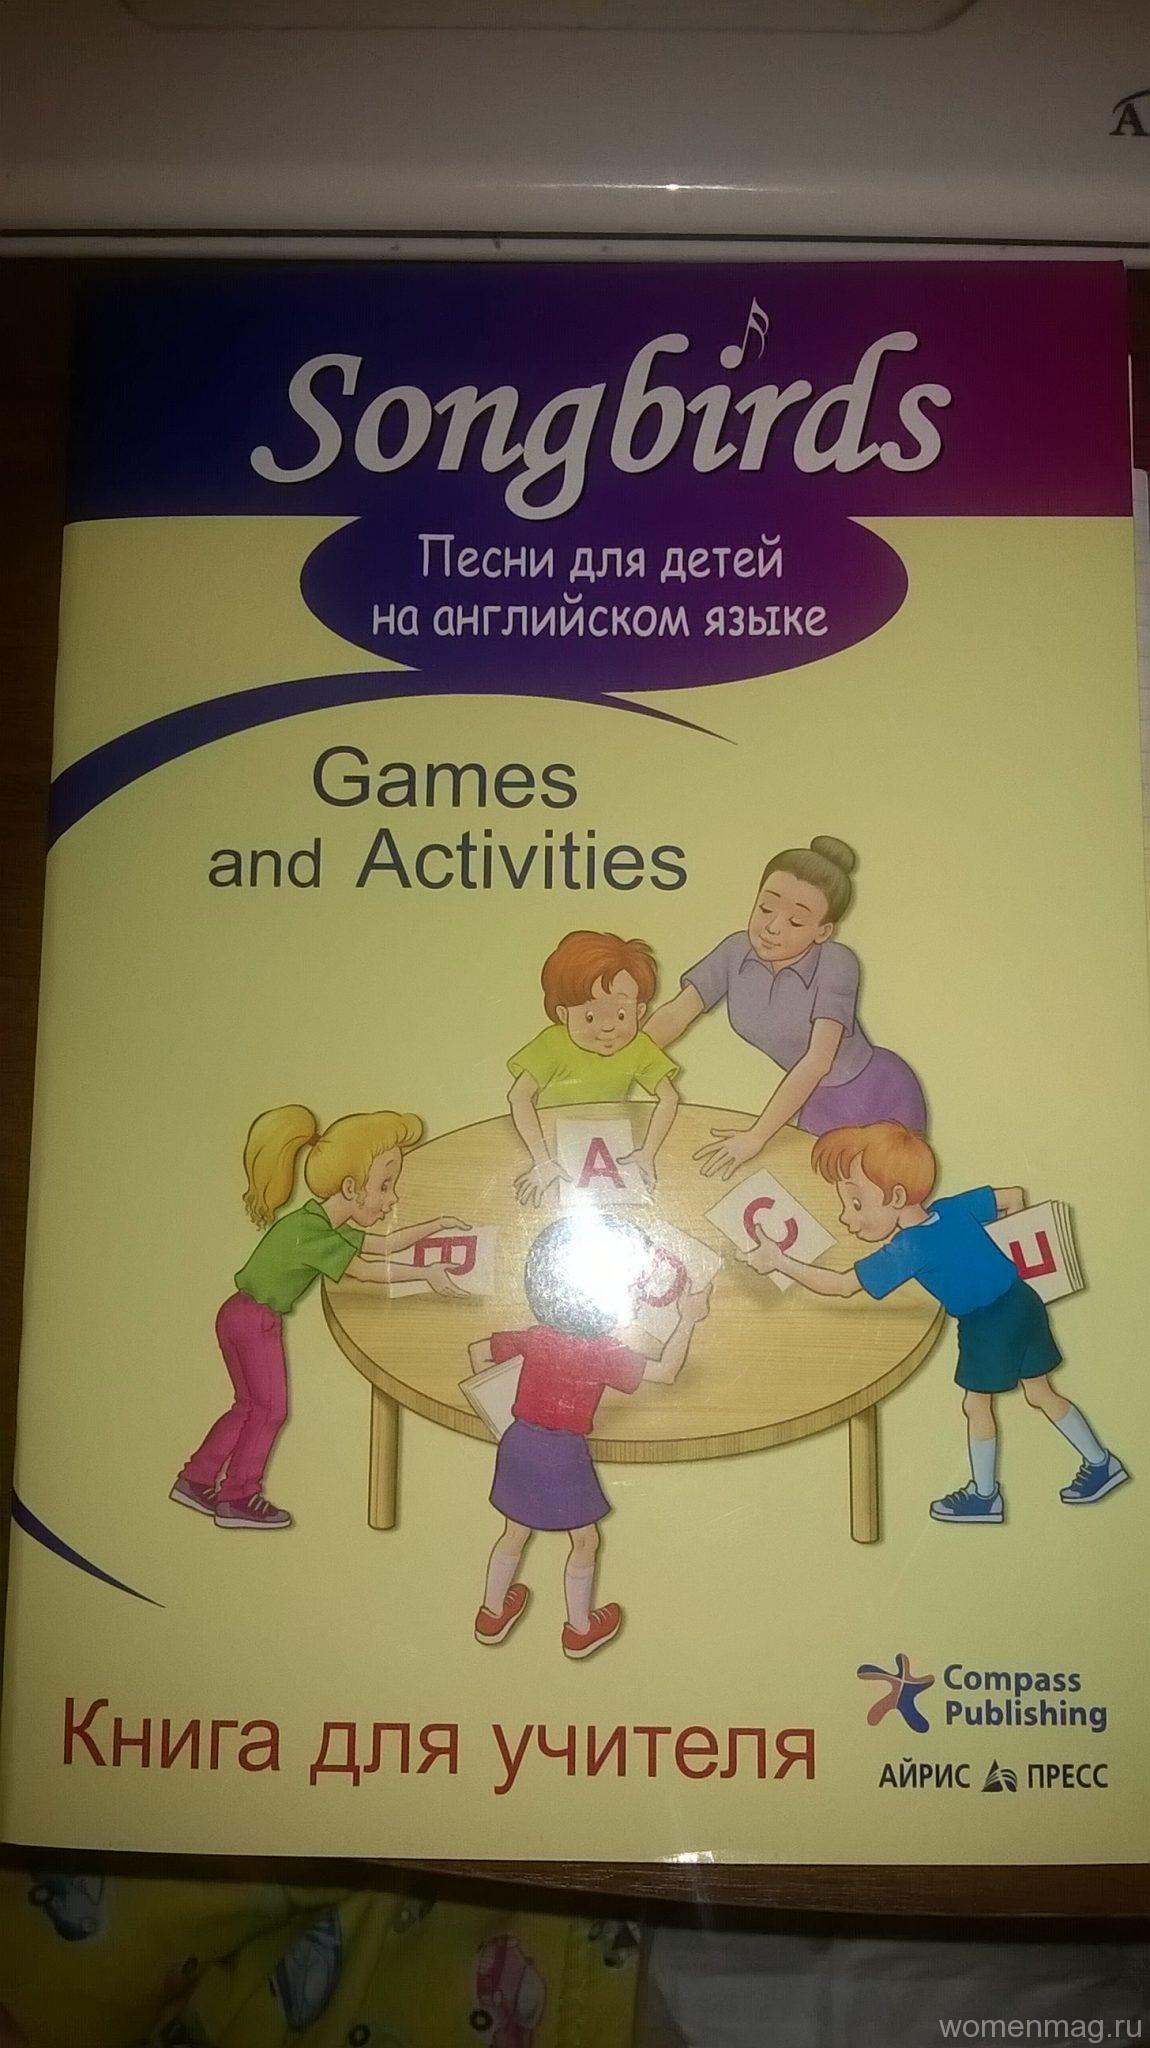 """Обзор методического пособия «Песни для детей на английском языке. Games and Activities. Книга для учителя» серии """"Songbirds"""""""